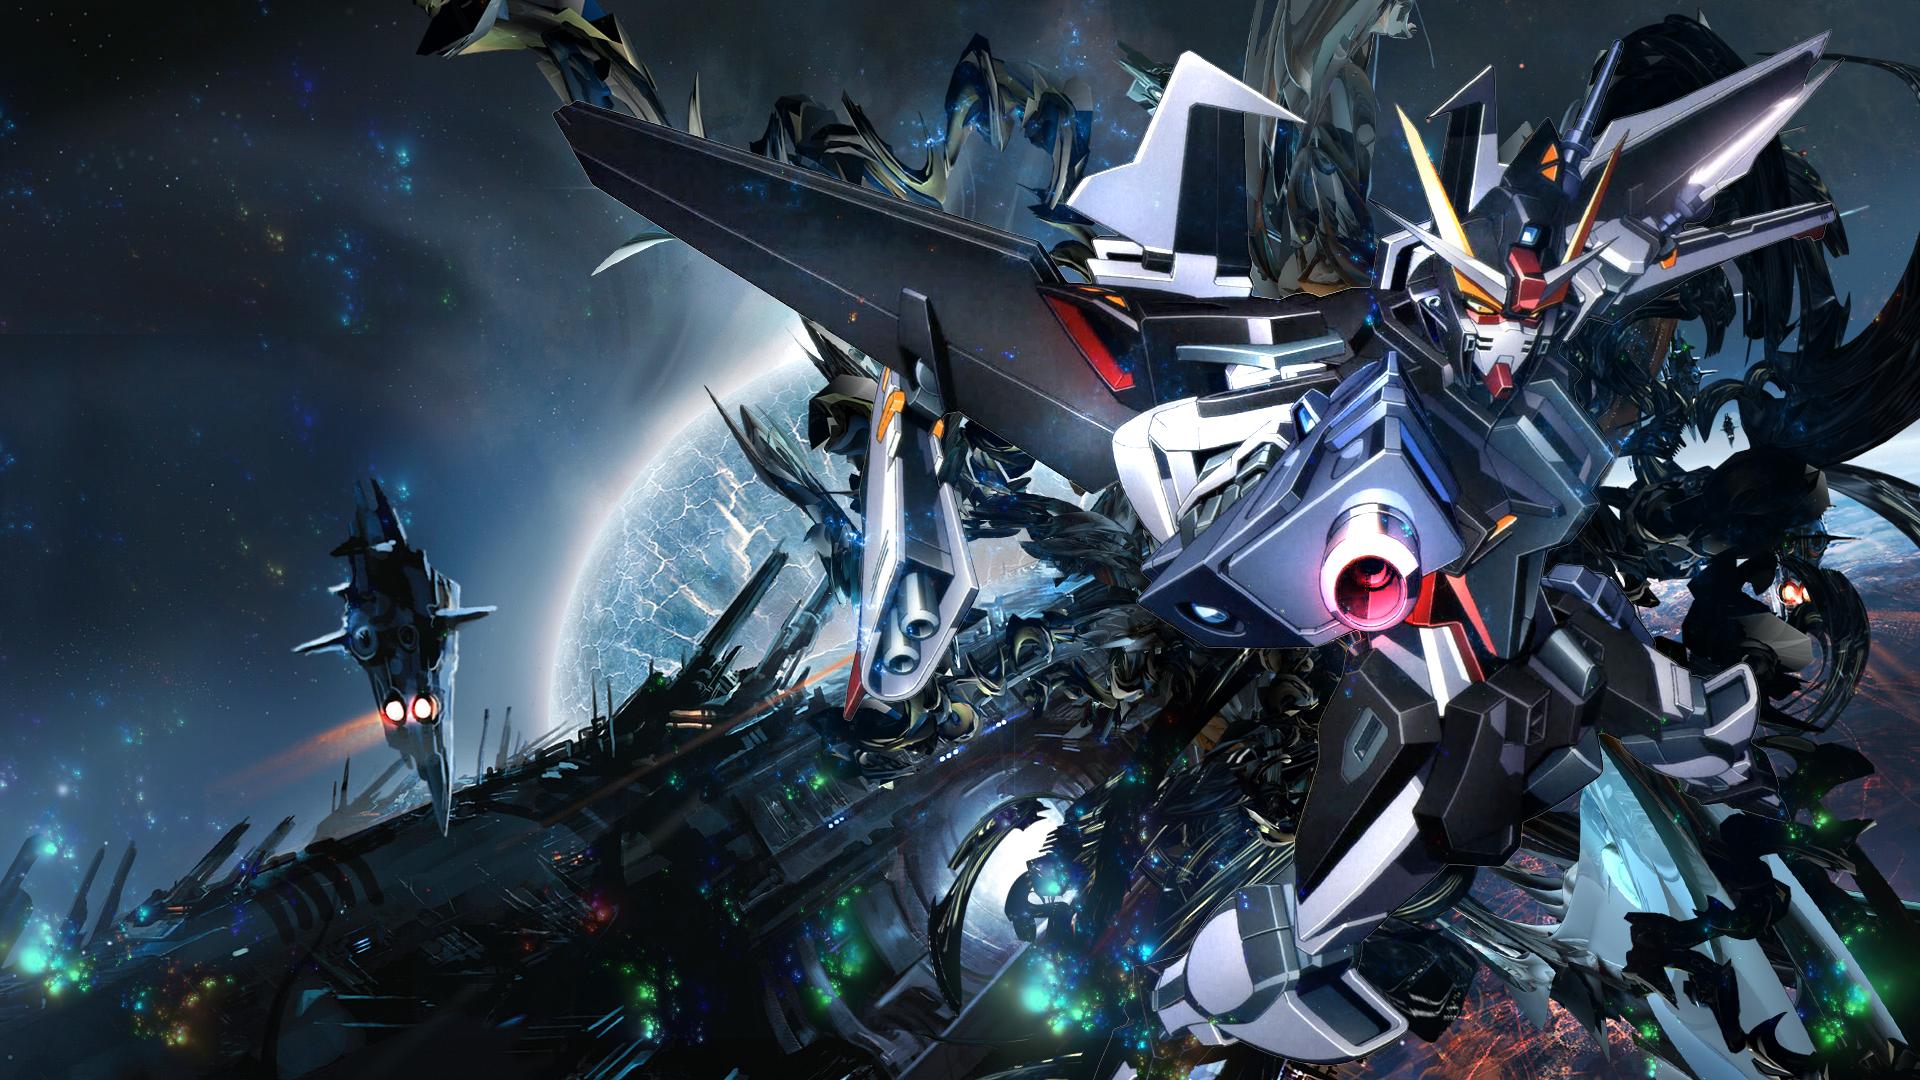 Download Gambar Wallpaper Hd Pc Gundam terbaru 2020